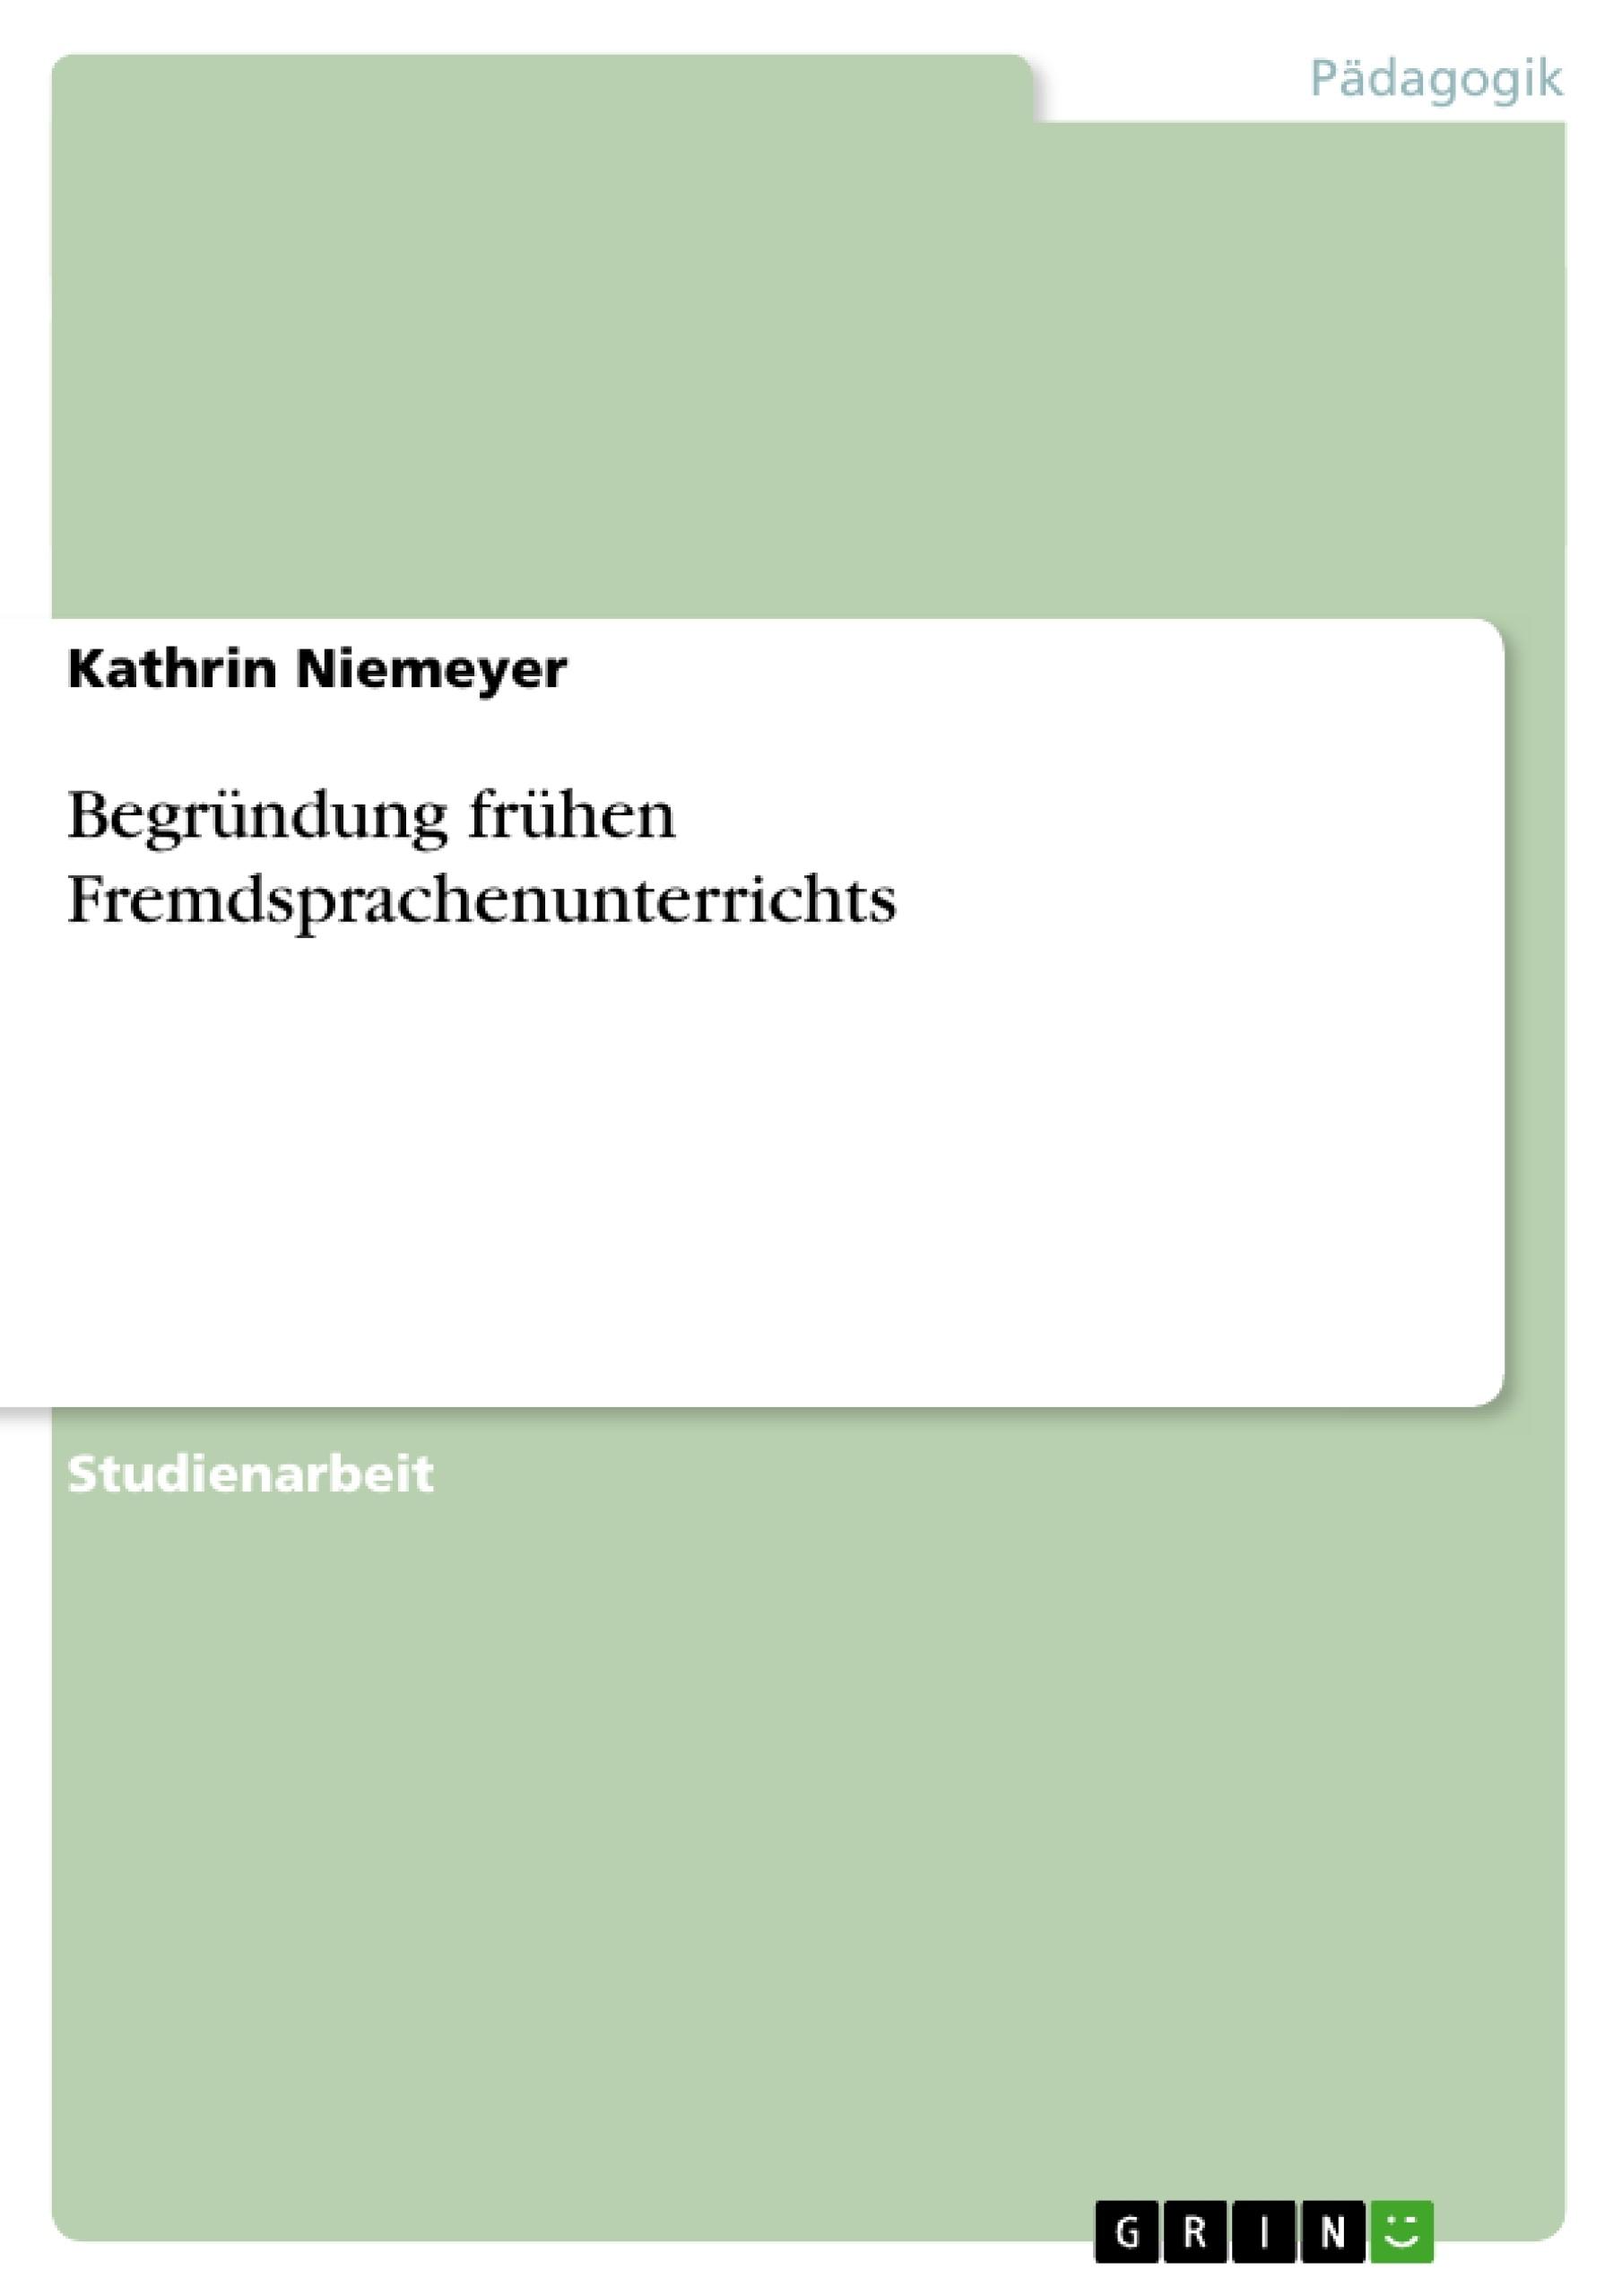 Titel: Begründung frühen Fremdsprachenunterrichts